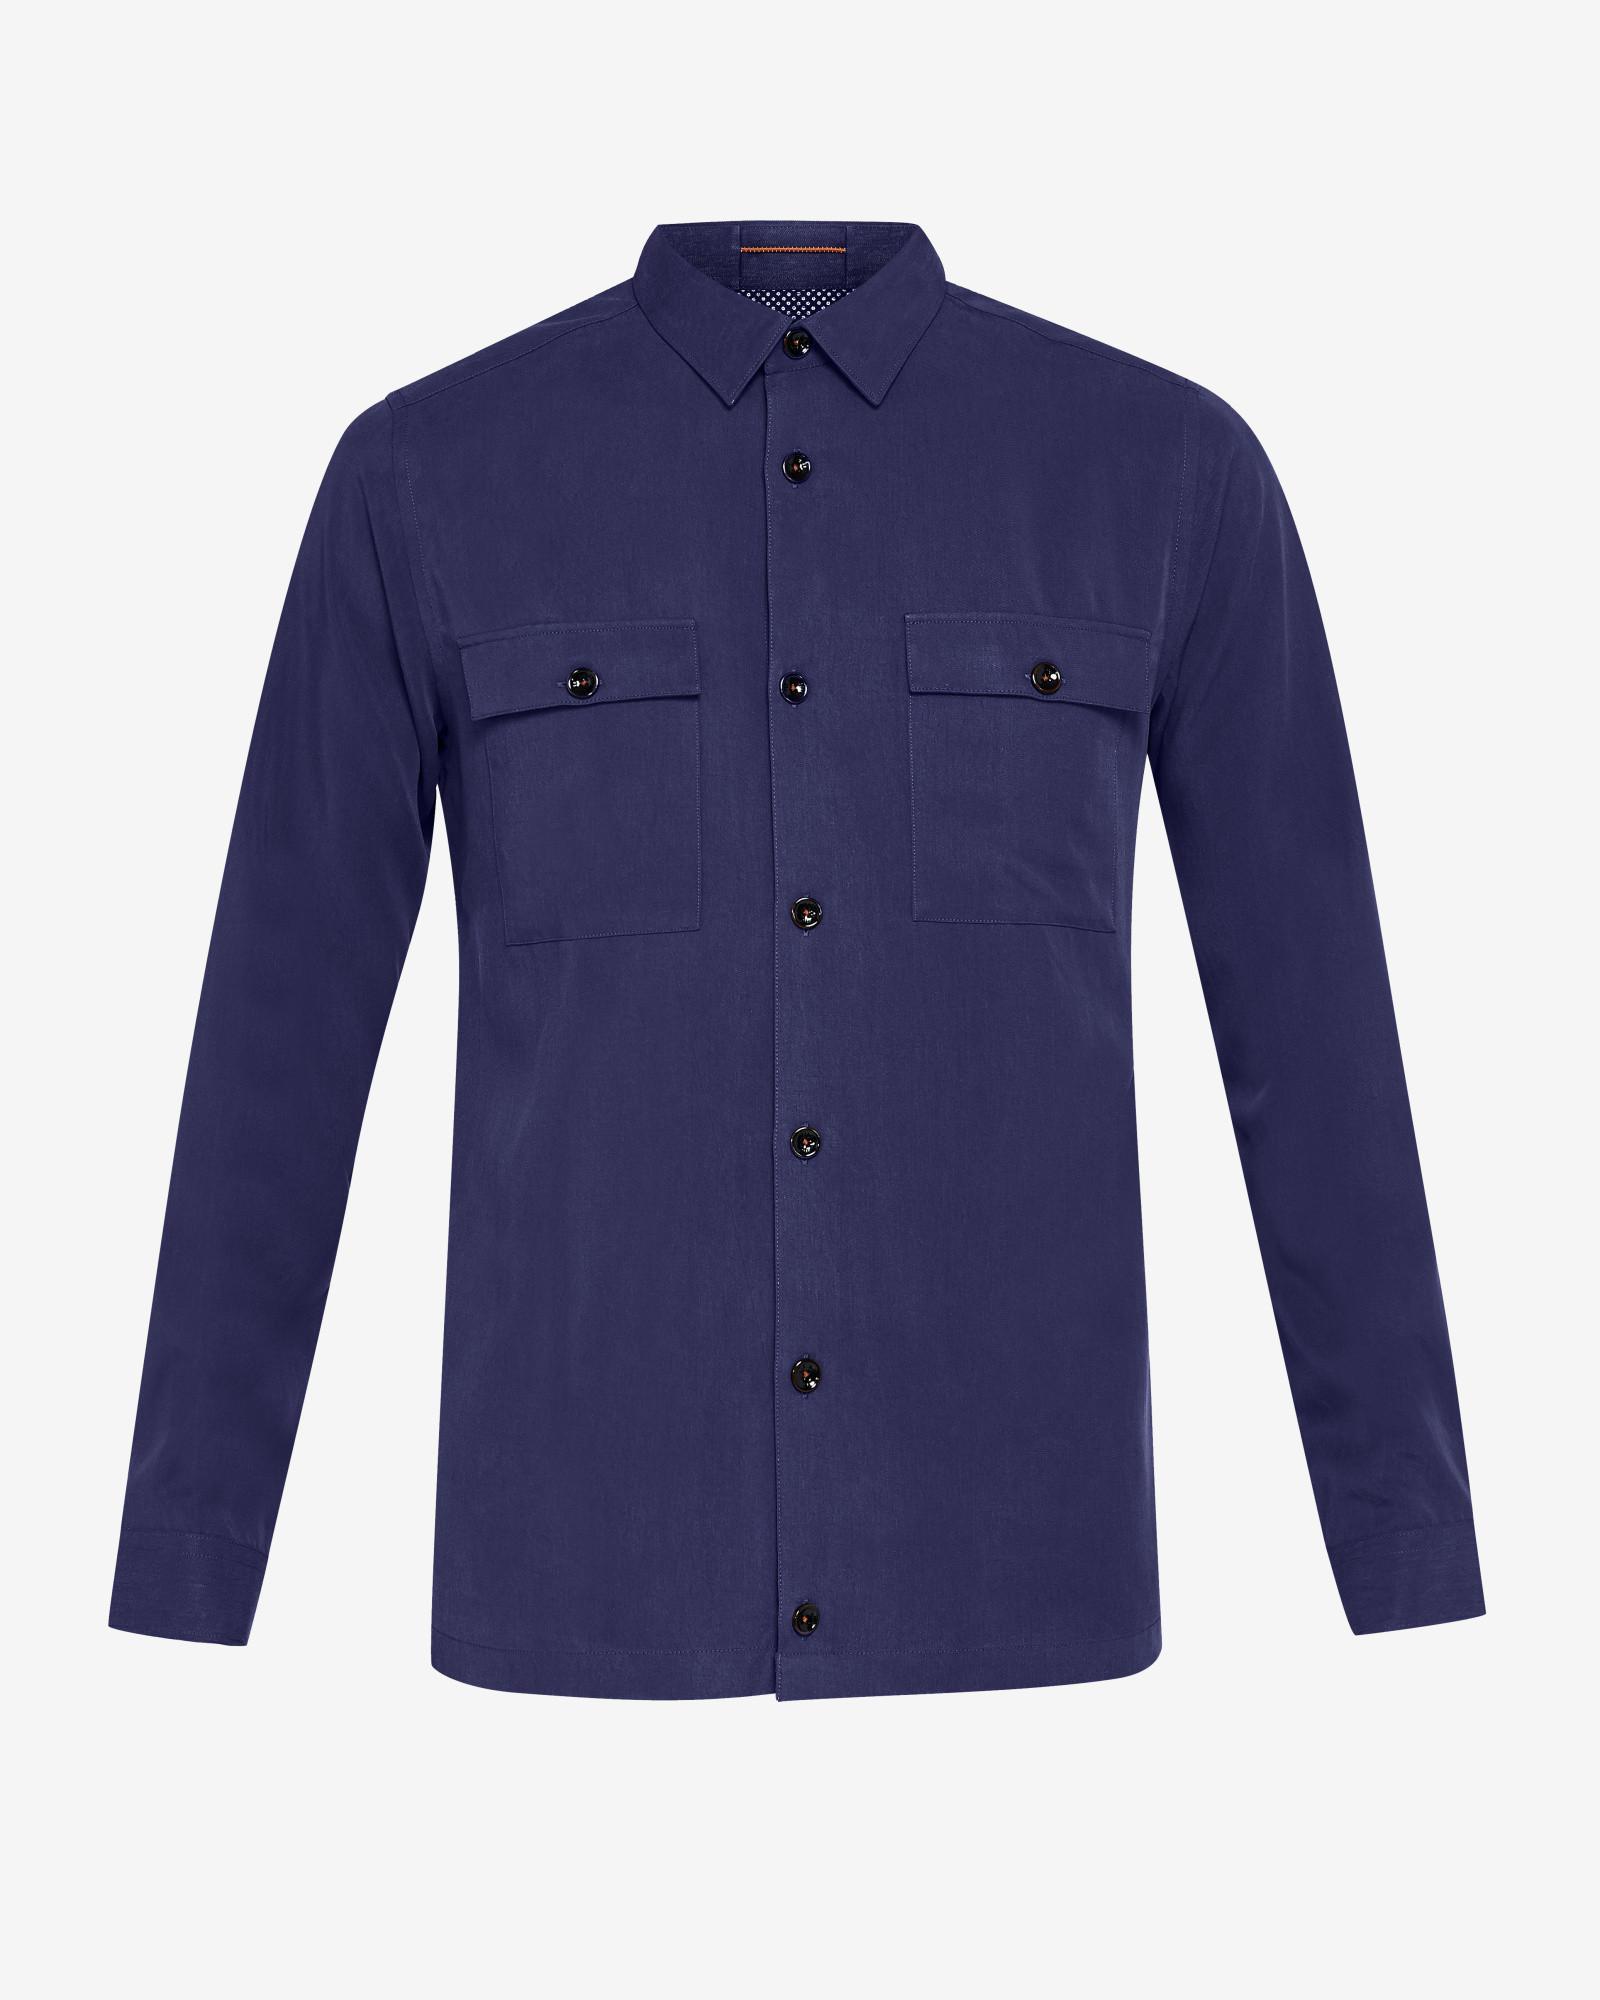 e33b851e8 Ted Baker Shirt in Blue for Men - Lyst